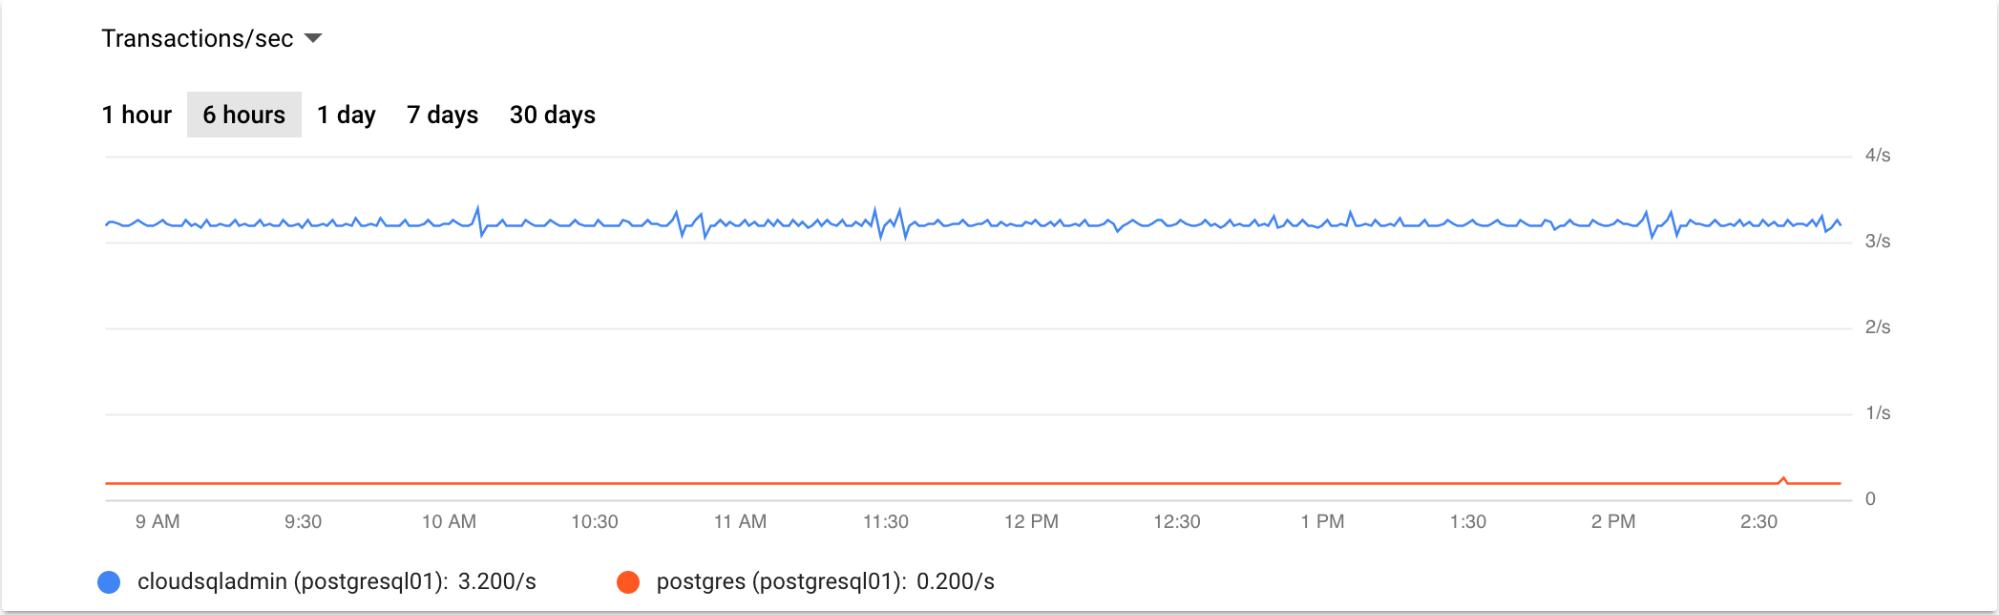 Grafik der Abfragen für die letzten 12 Stunden.